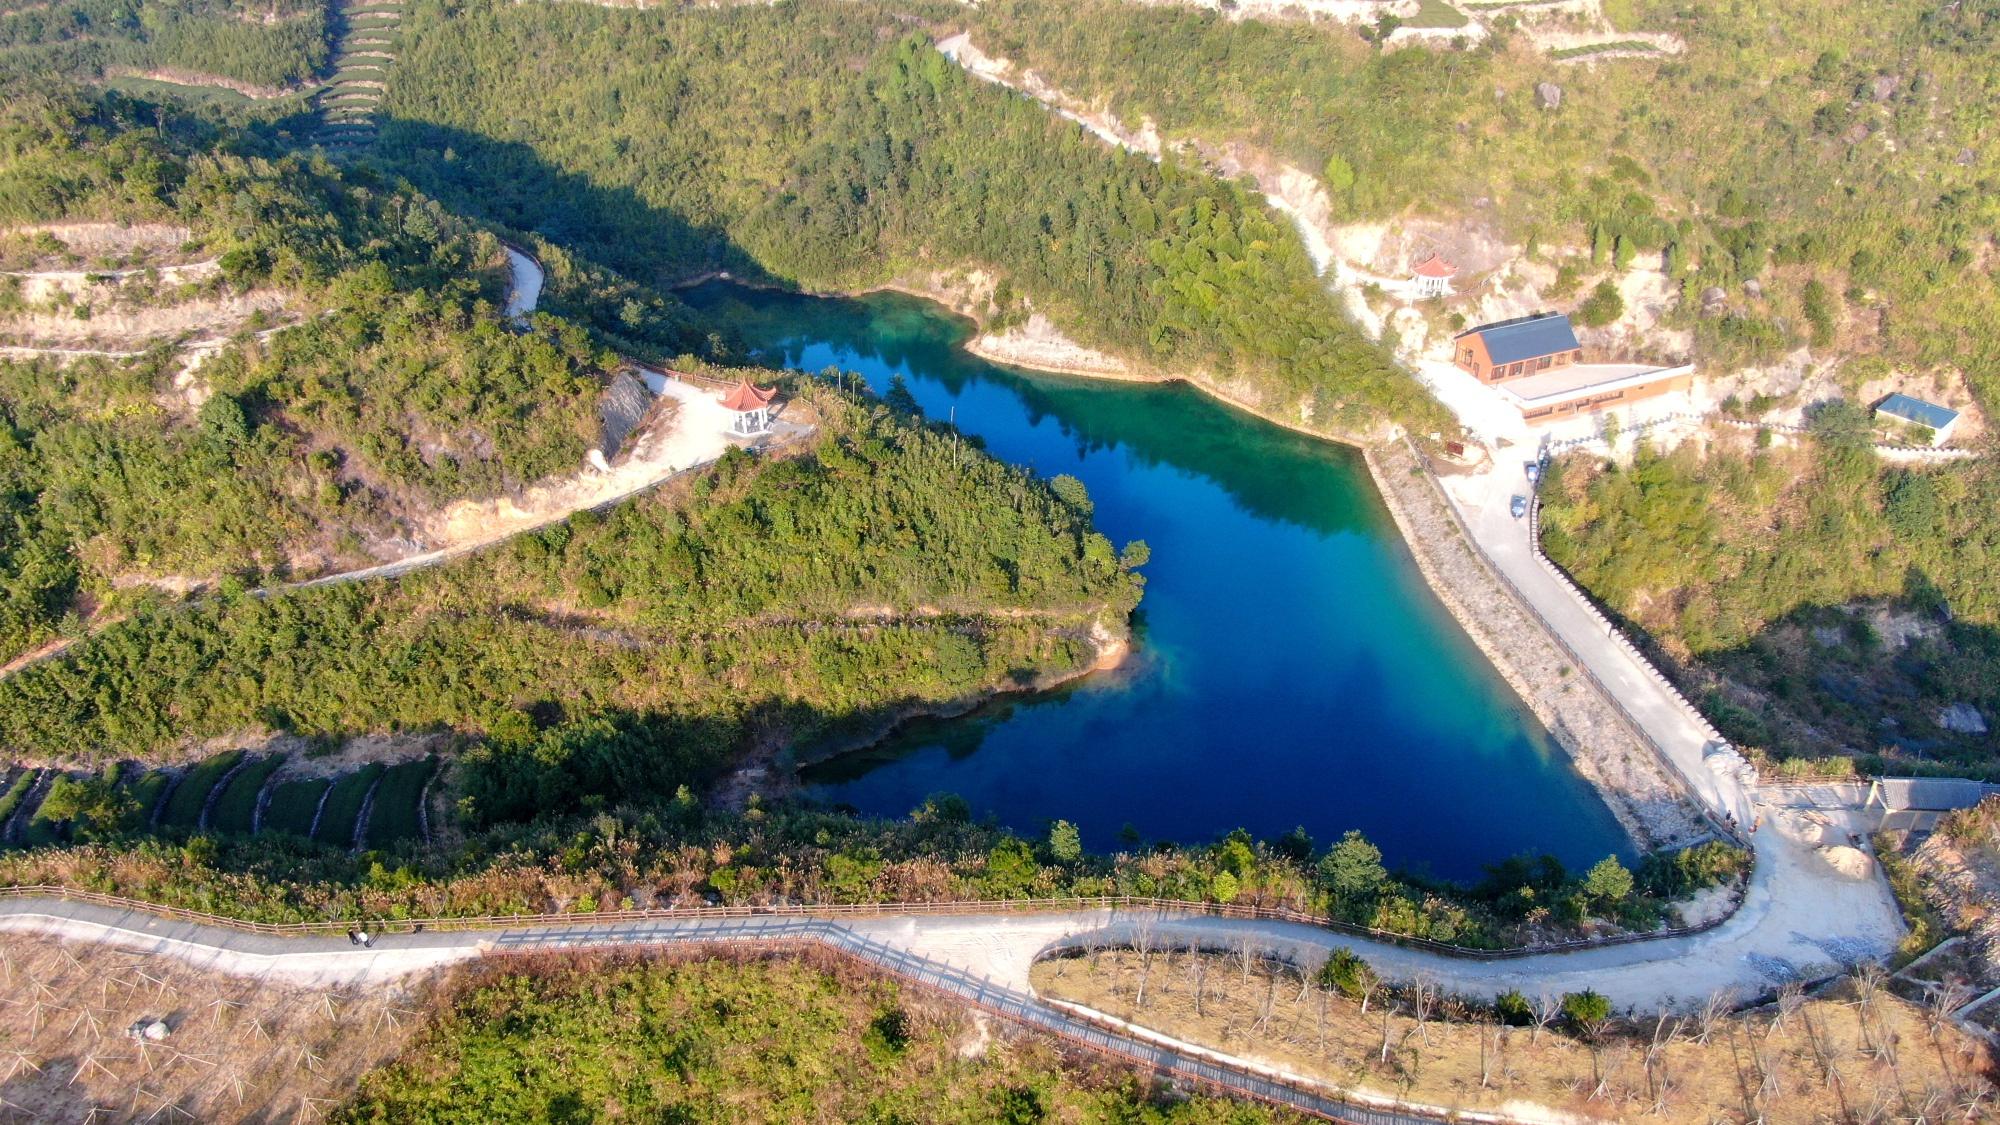 航拍厦门岛外的自然景观,同安七彩池,太美了